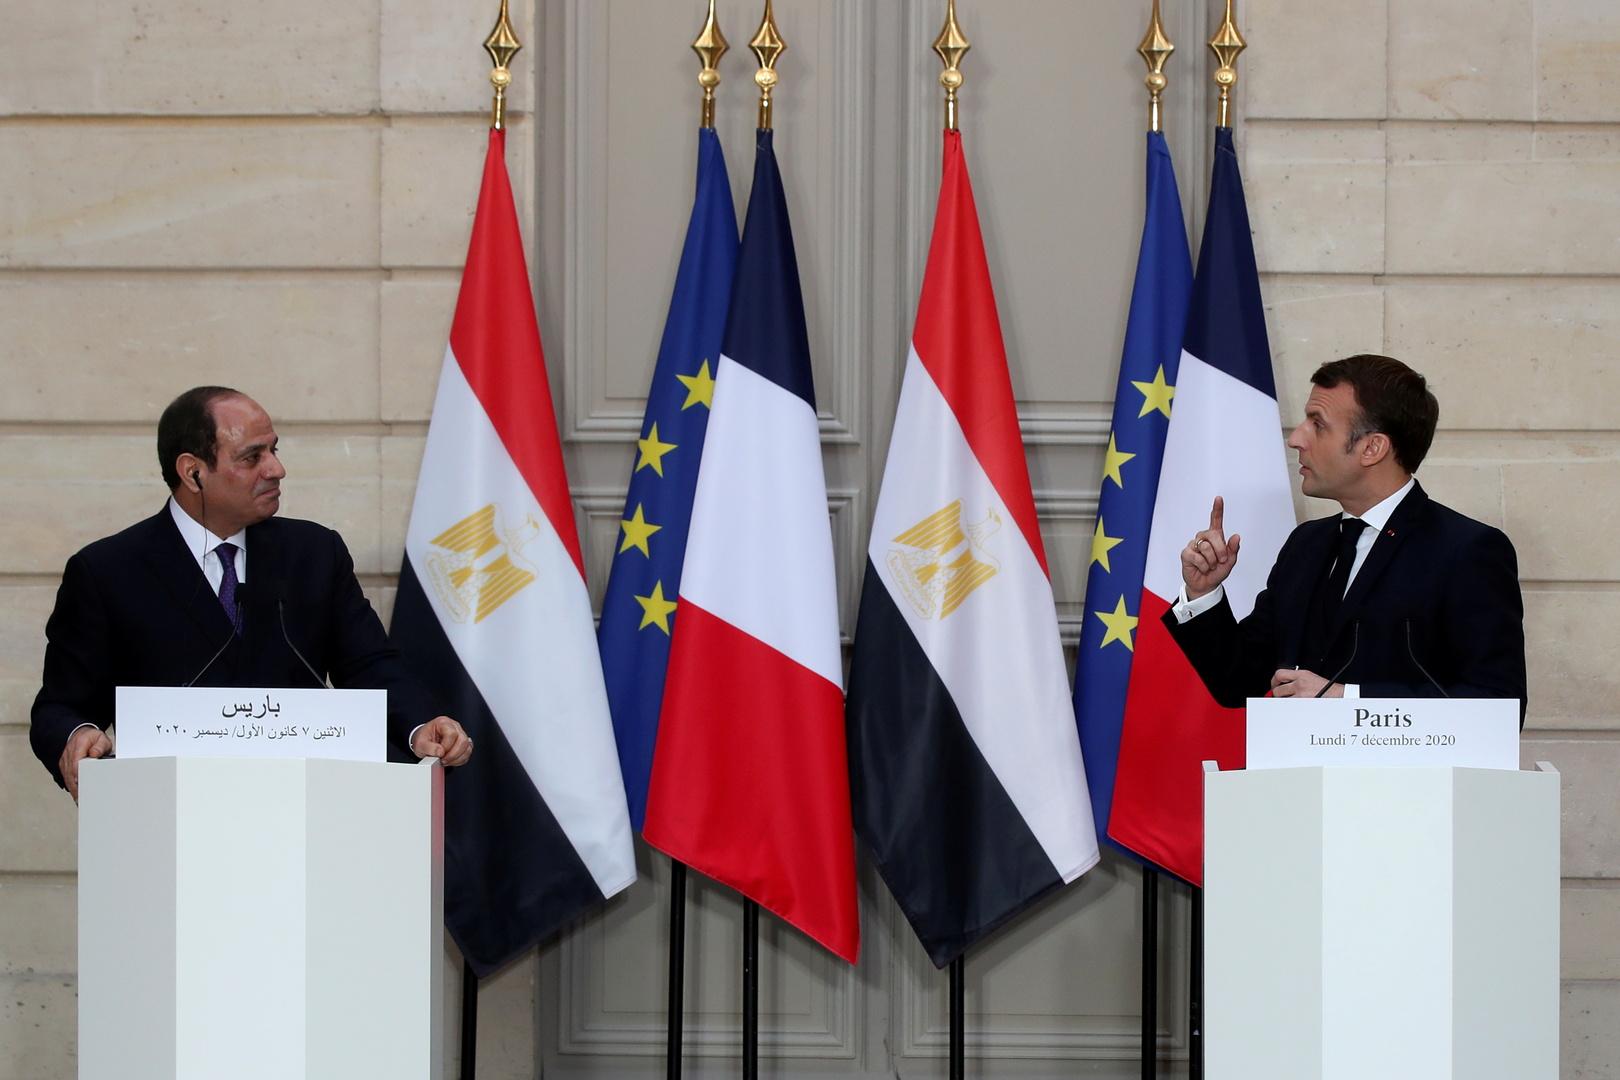 نائب مصري يعلق على دلالات زيارة السيسي لفرنسا